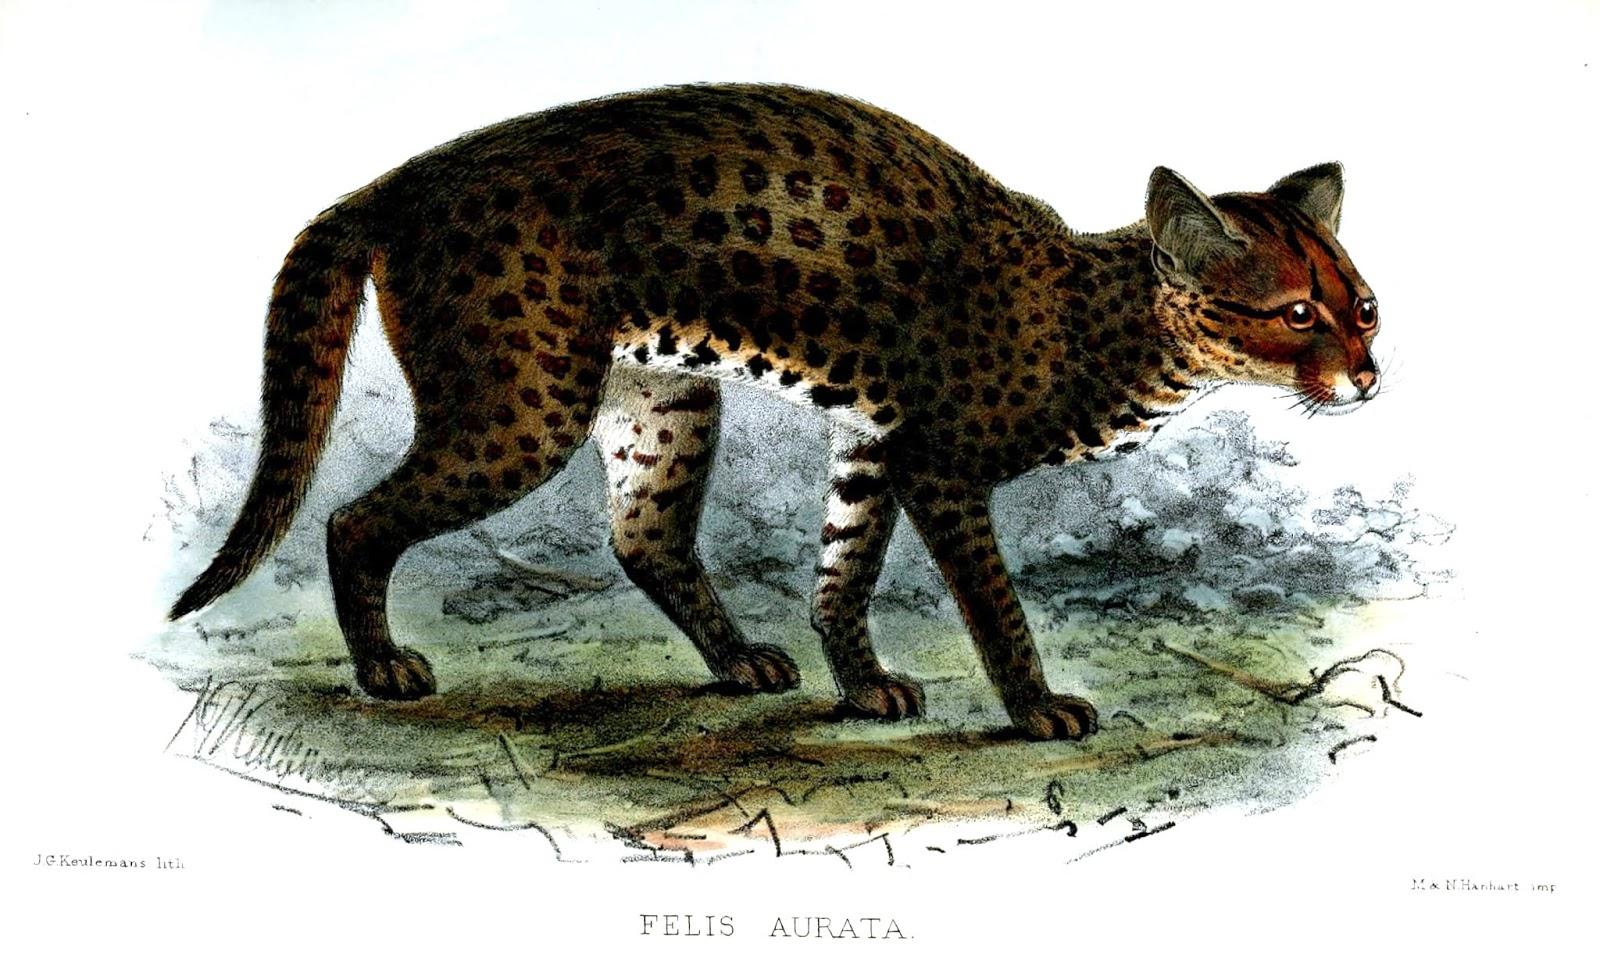 Gato-Dourado-Africano (Profelis aurata)